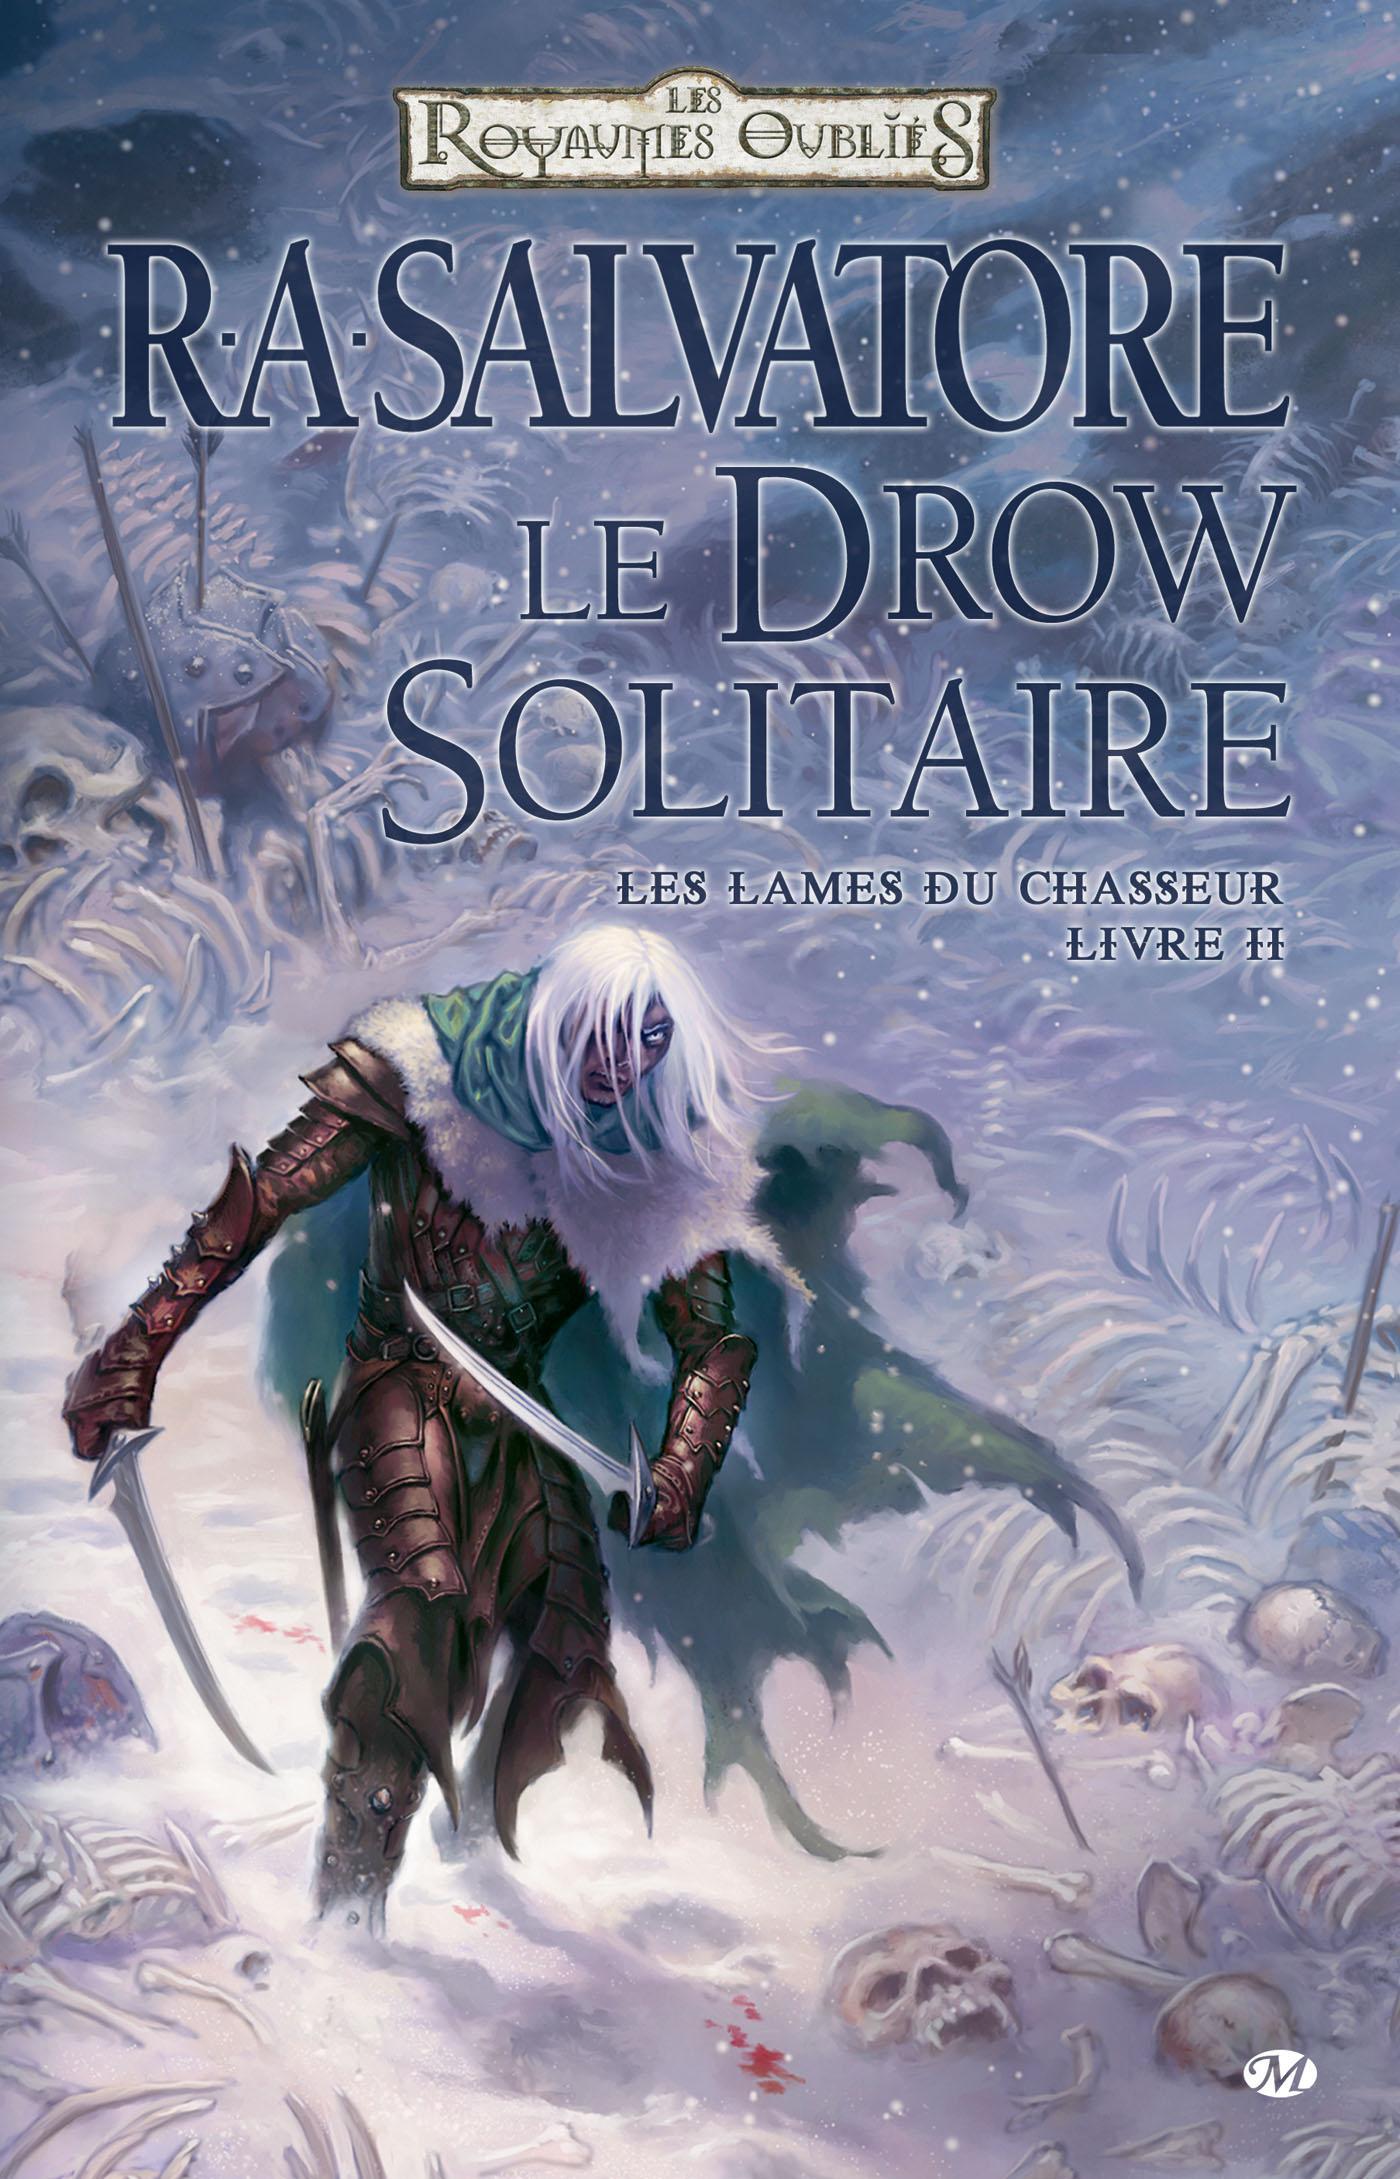 Le Drow Solitaire, LES LAMES DU CHASSEUR, T2